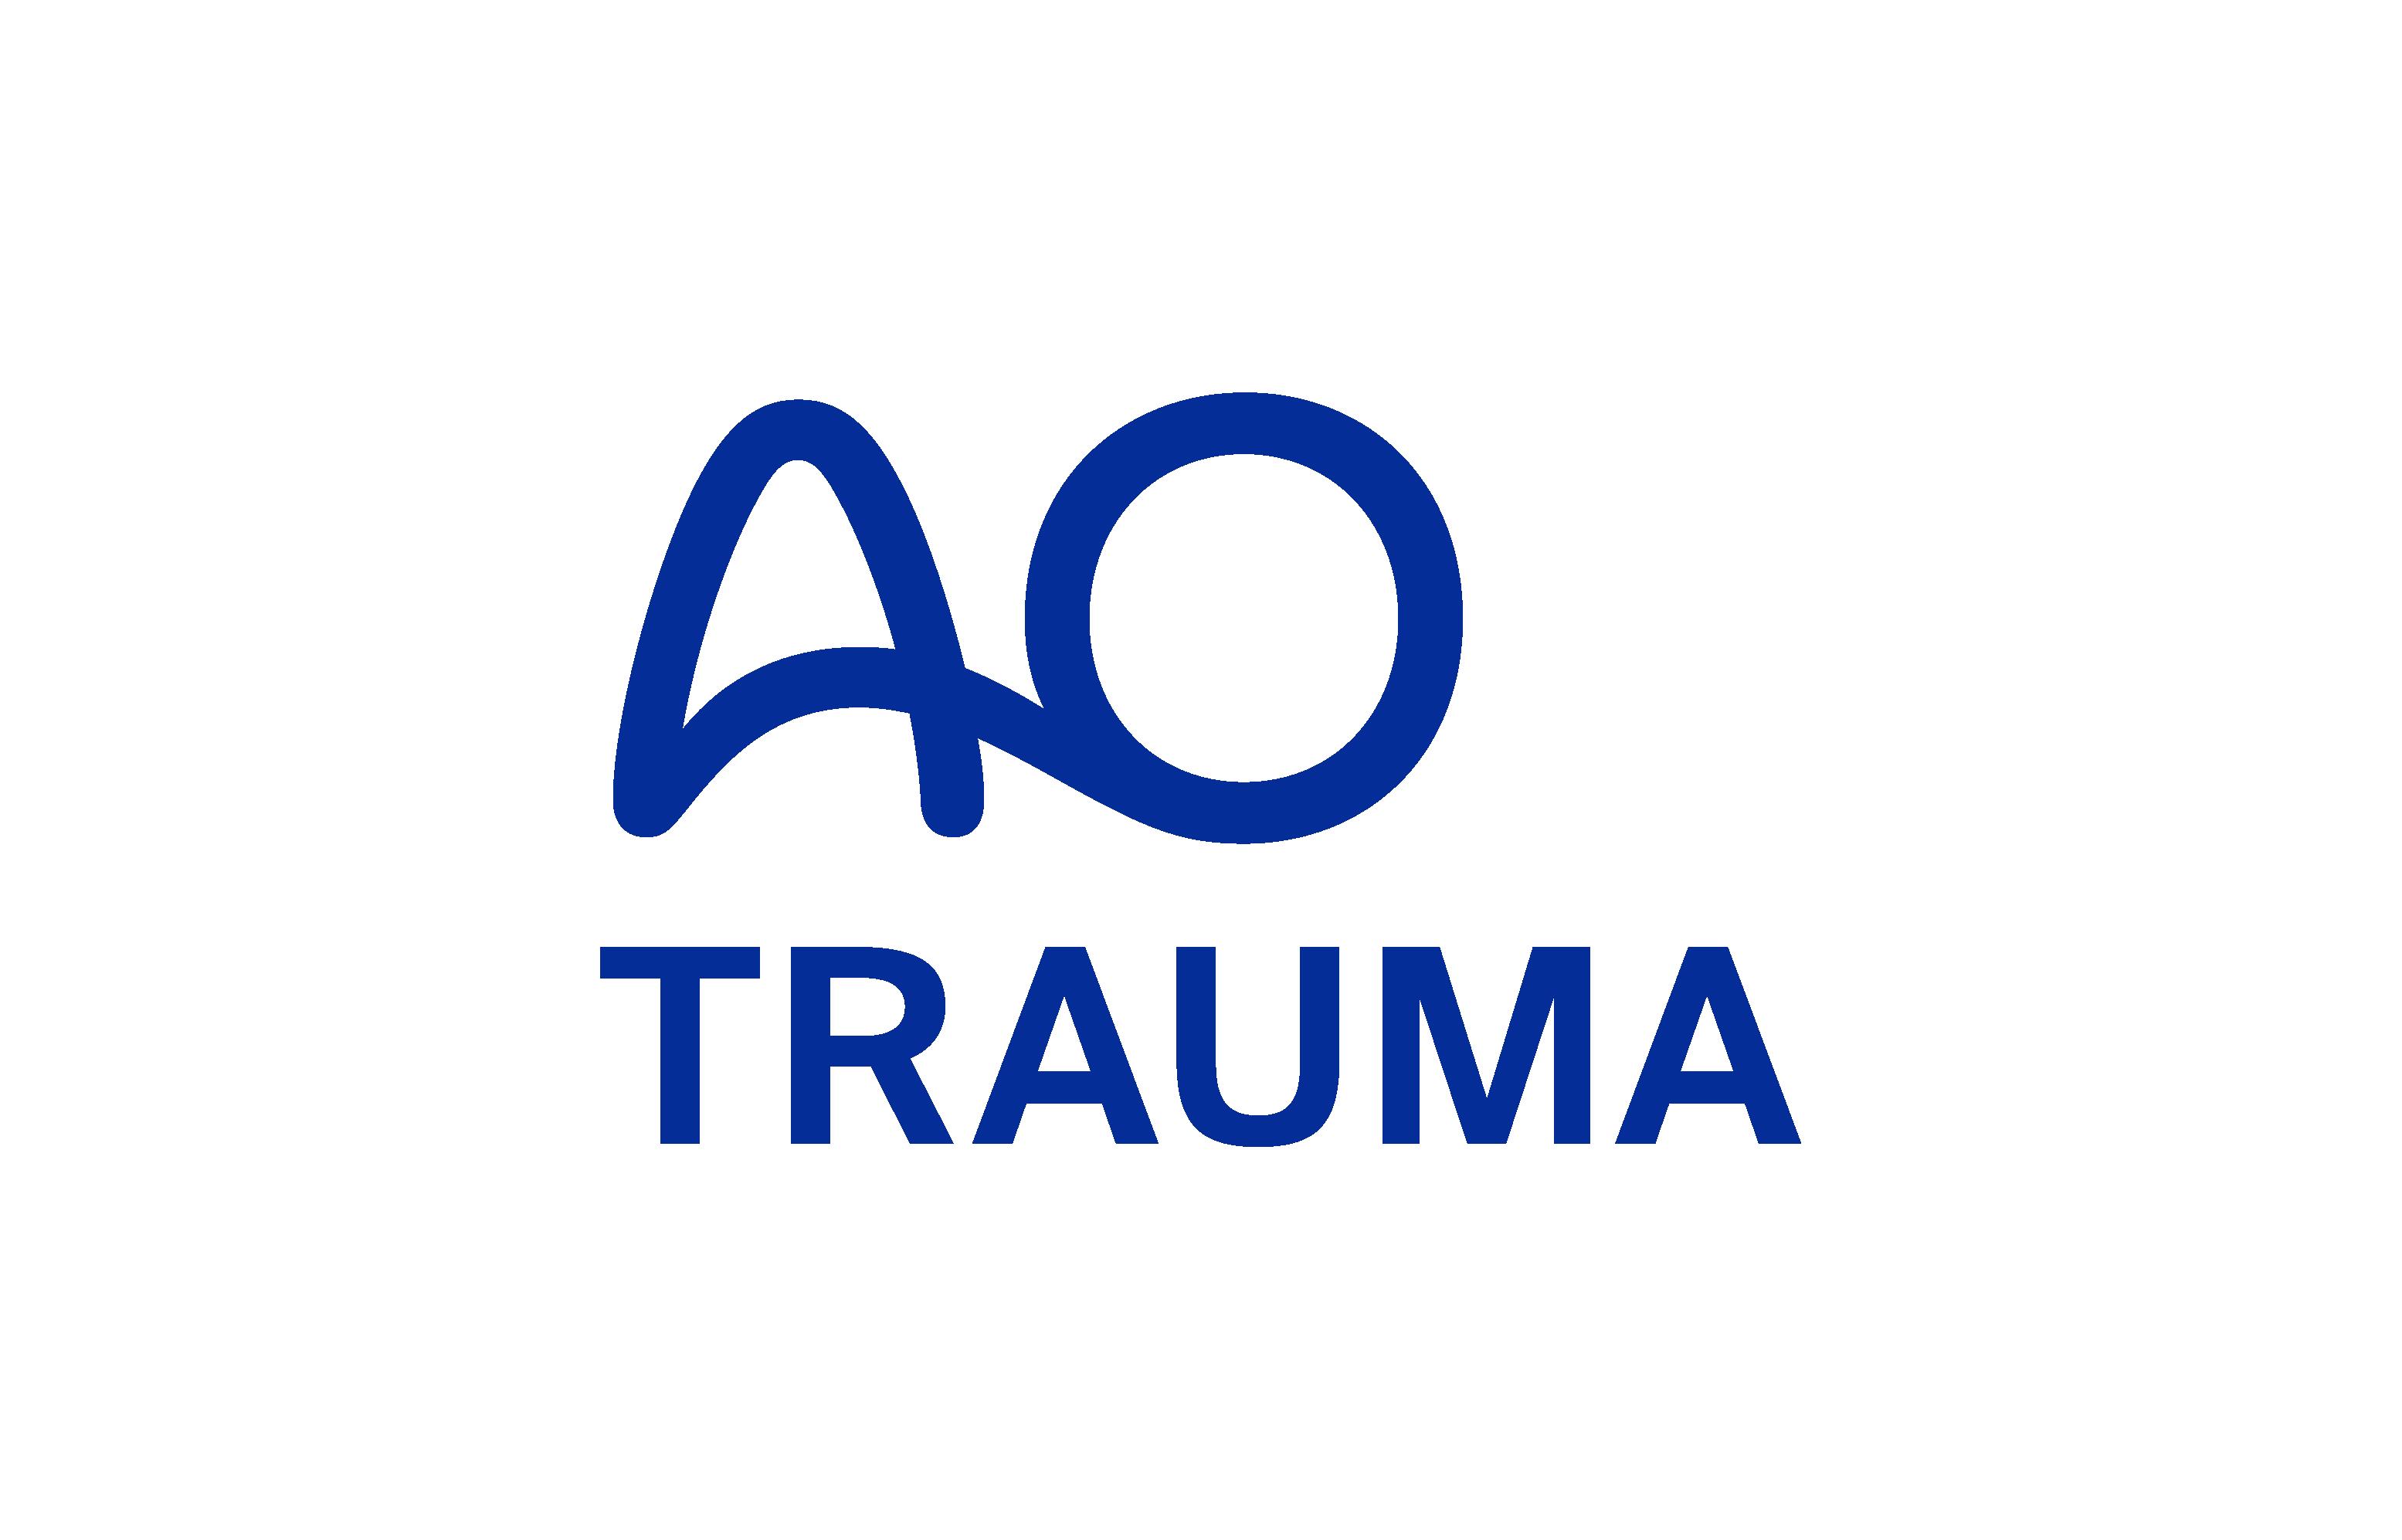 ao-trauma